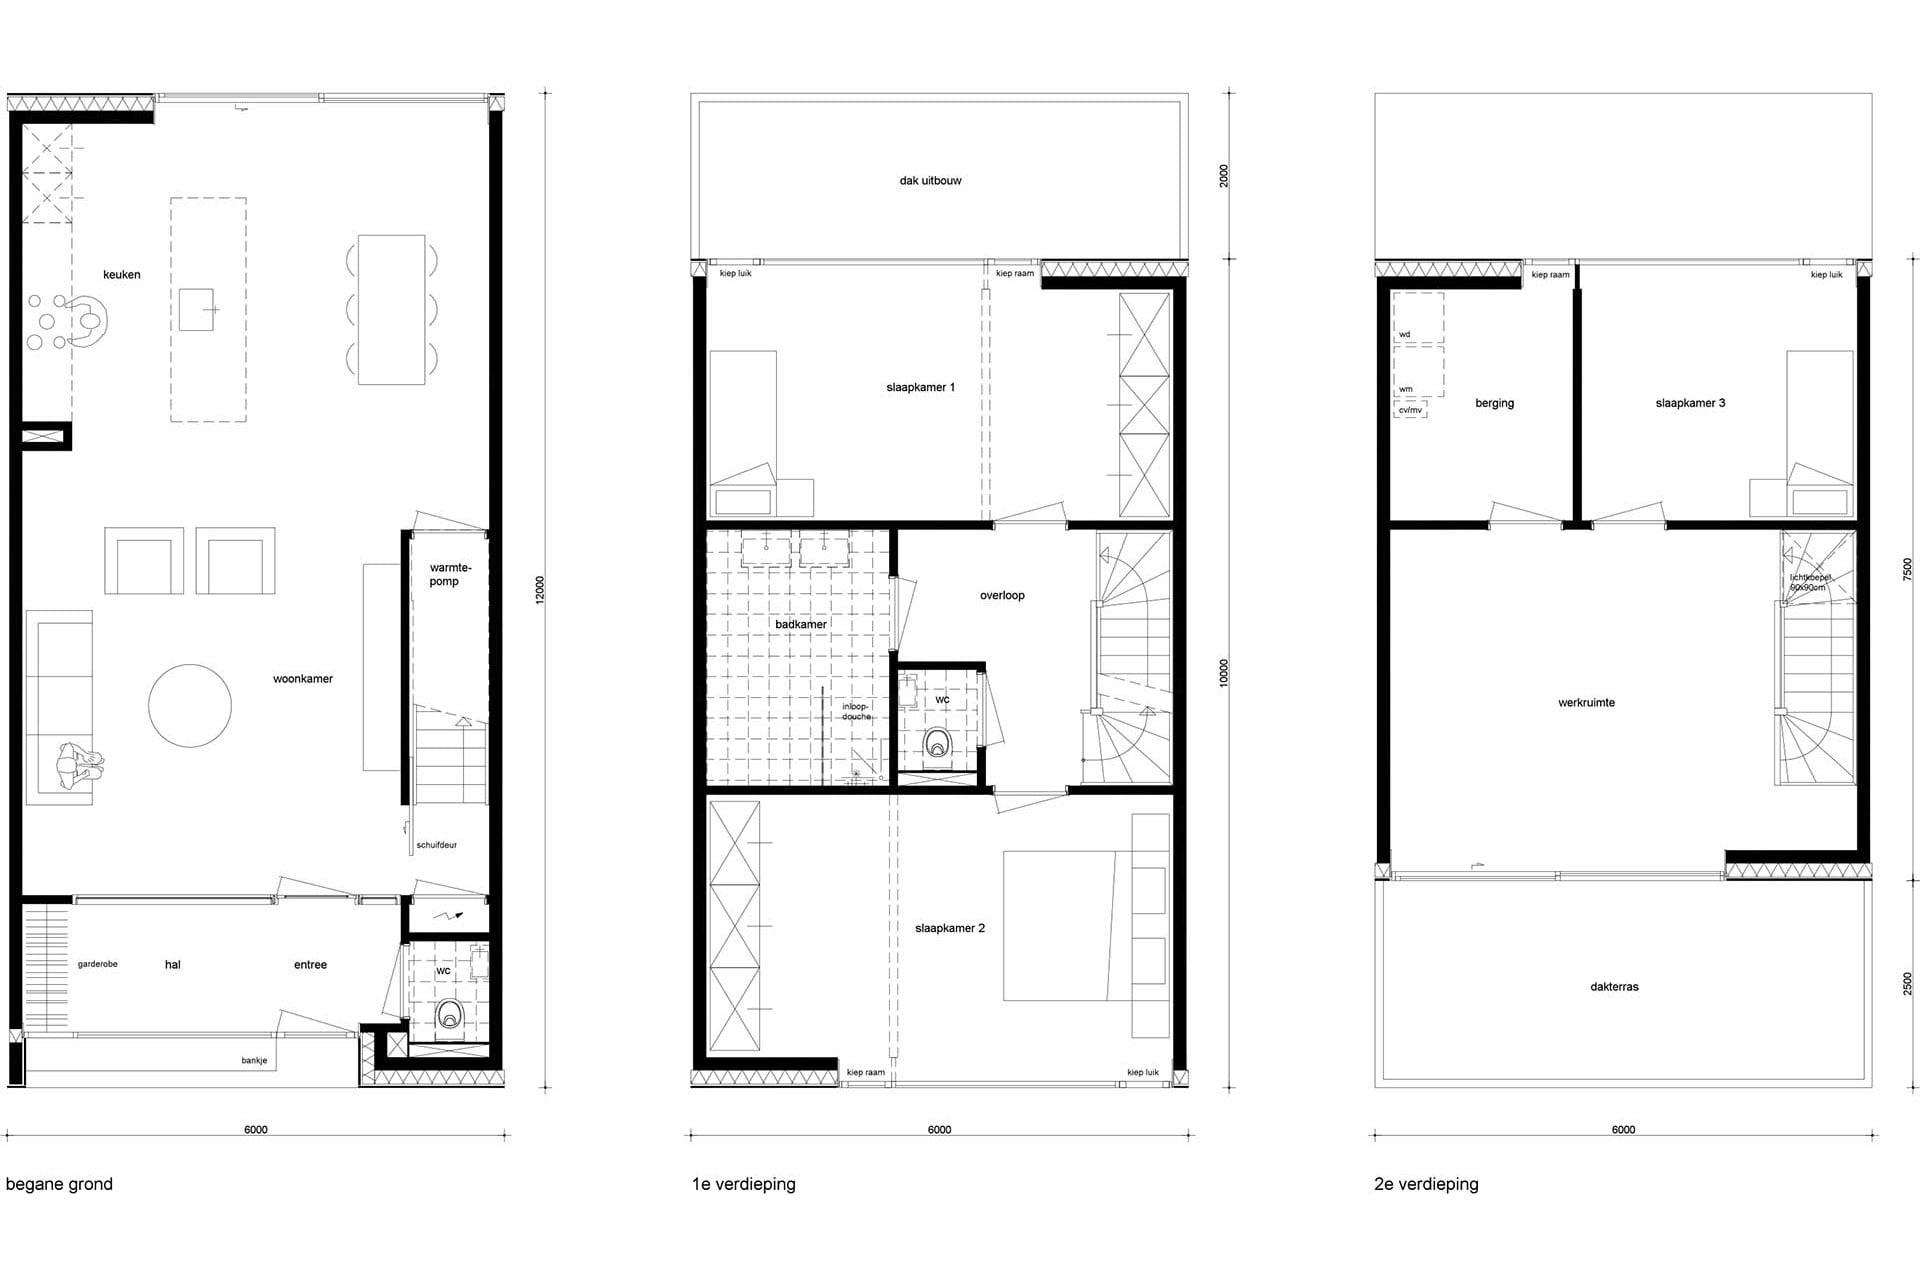 Zelfbouwwoning View house 1, Rubenssingel, Schilderspad, Capelle aan den IJssel